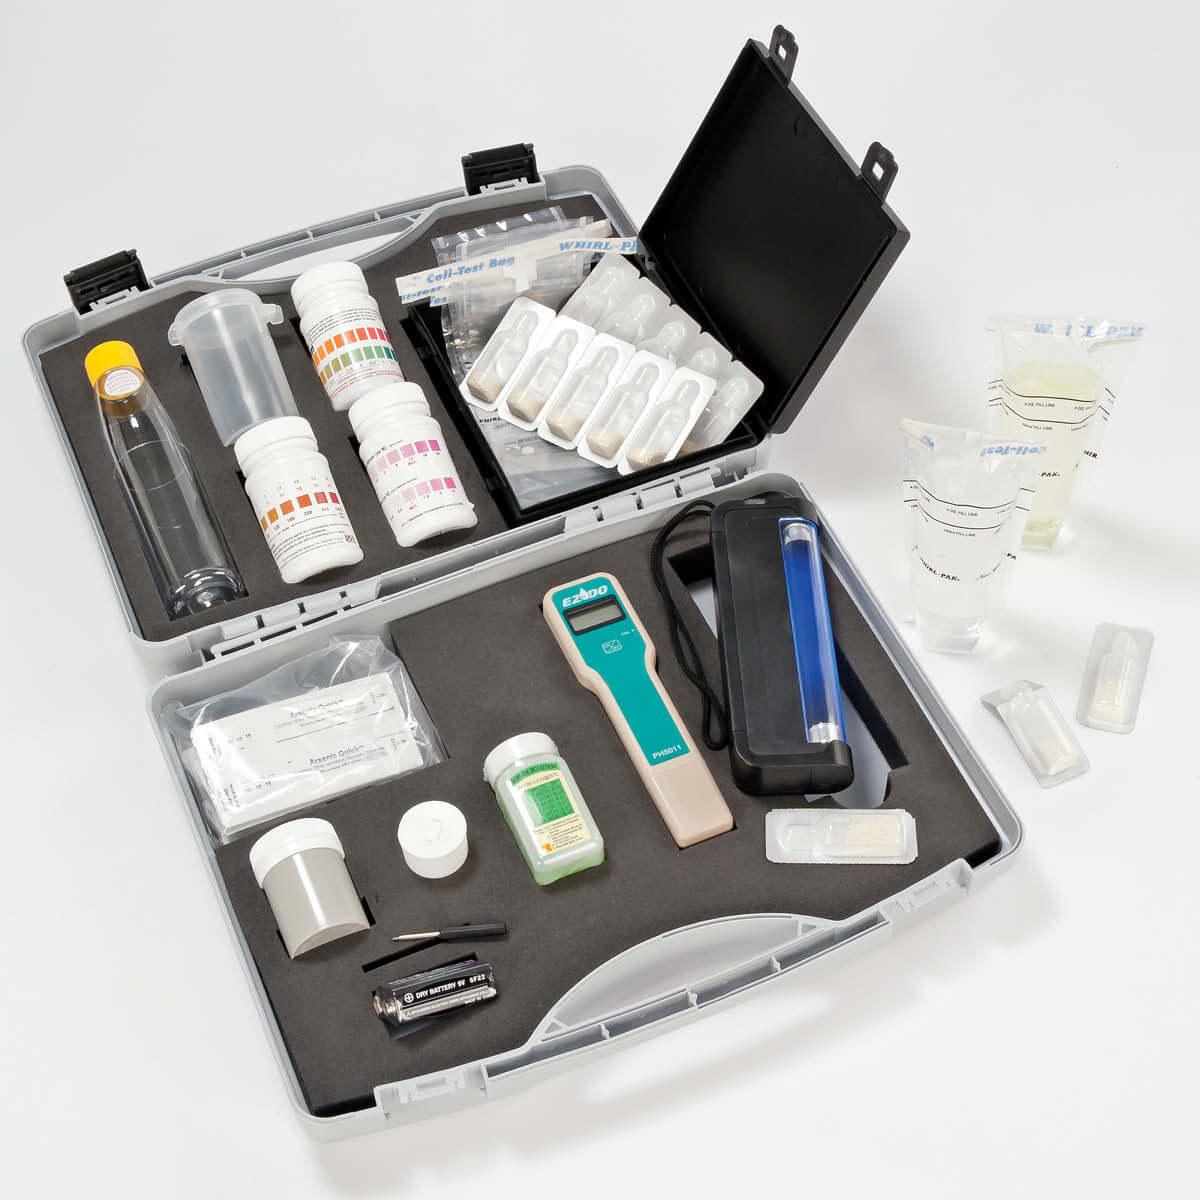 Su Kalitesi Test Kitleri ve Reaktifler